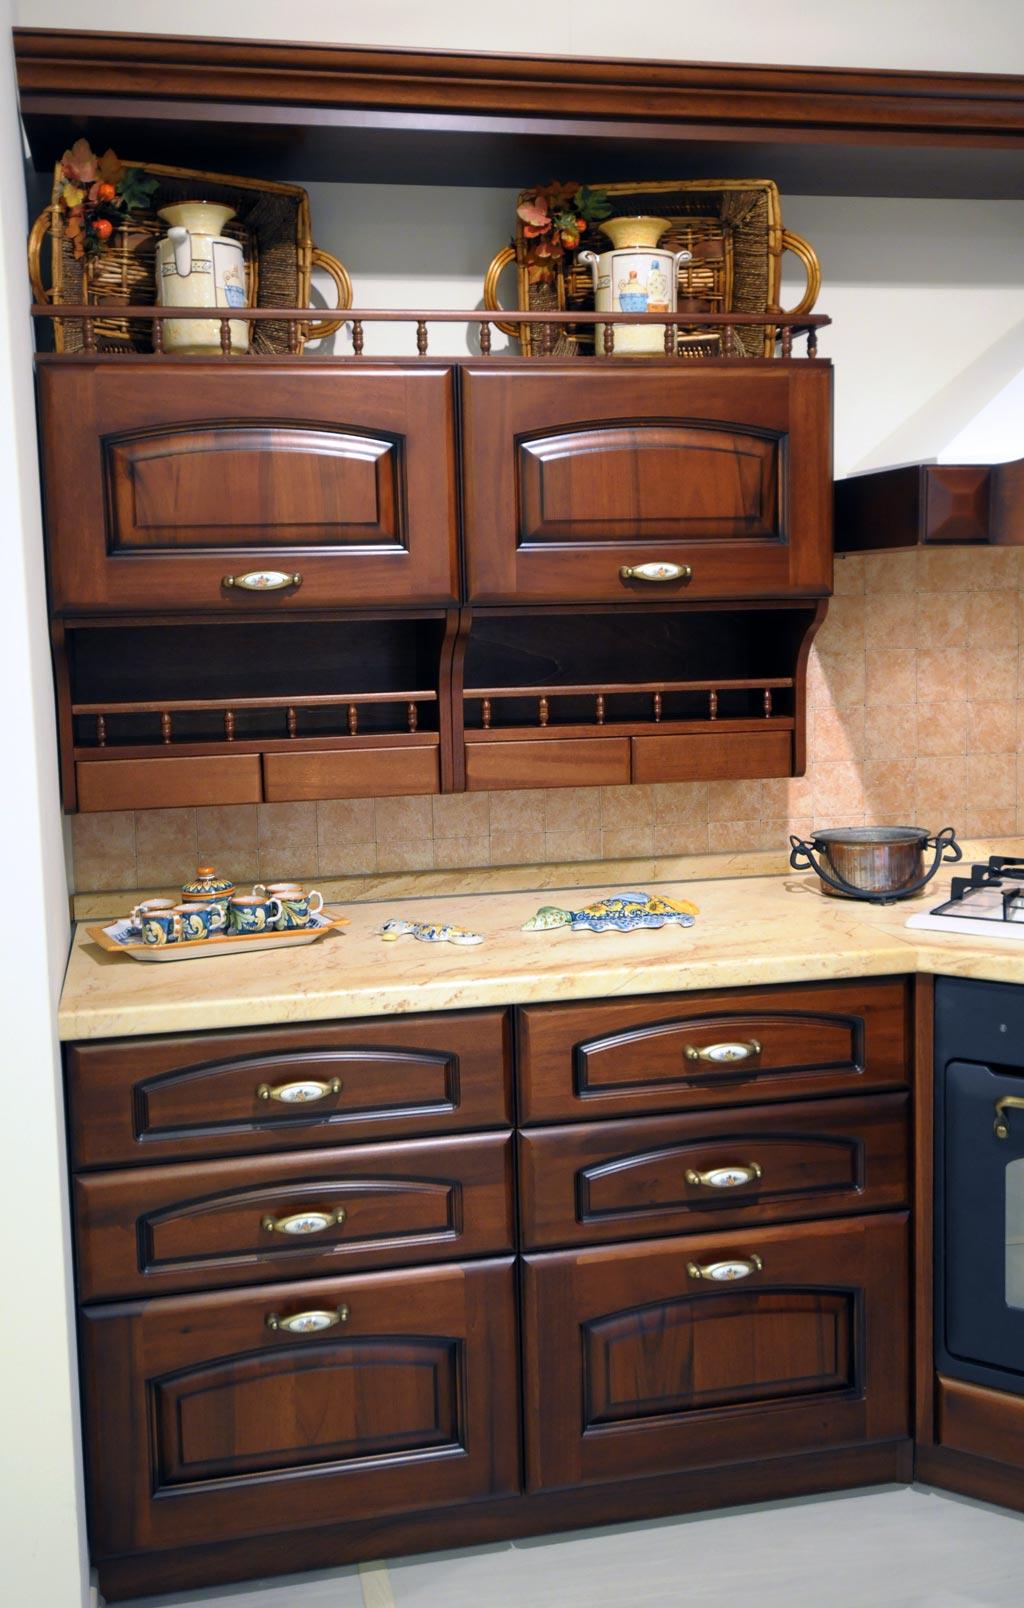 Questa cucina è attrezzata da mensole, portaspezie, ampi cassetti e credenze... tutti materiali raffinati